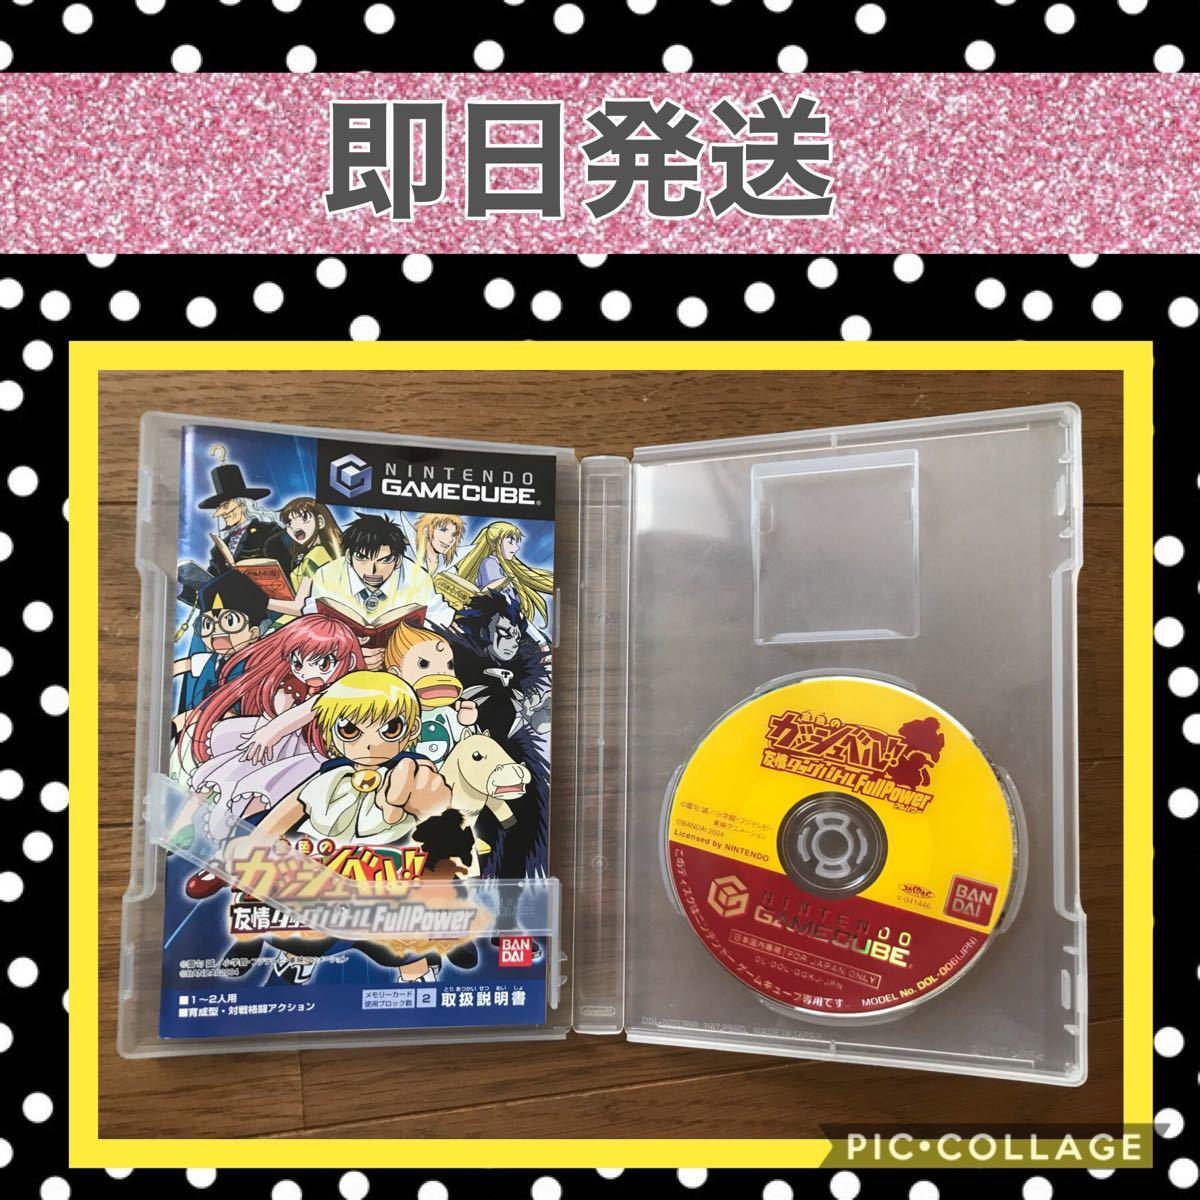 【即日発送】金色のガッシュベル友情タッグバトル 任天堂 ゲームキューブ ソフト